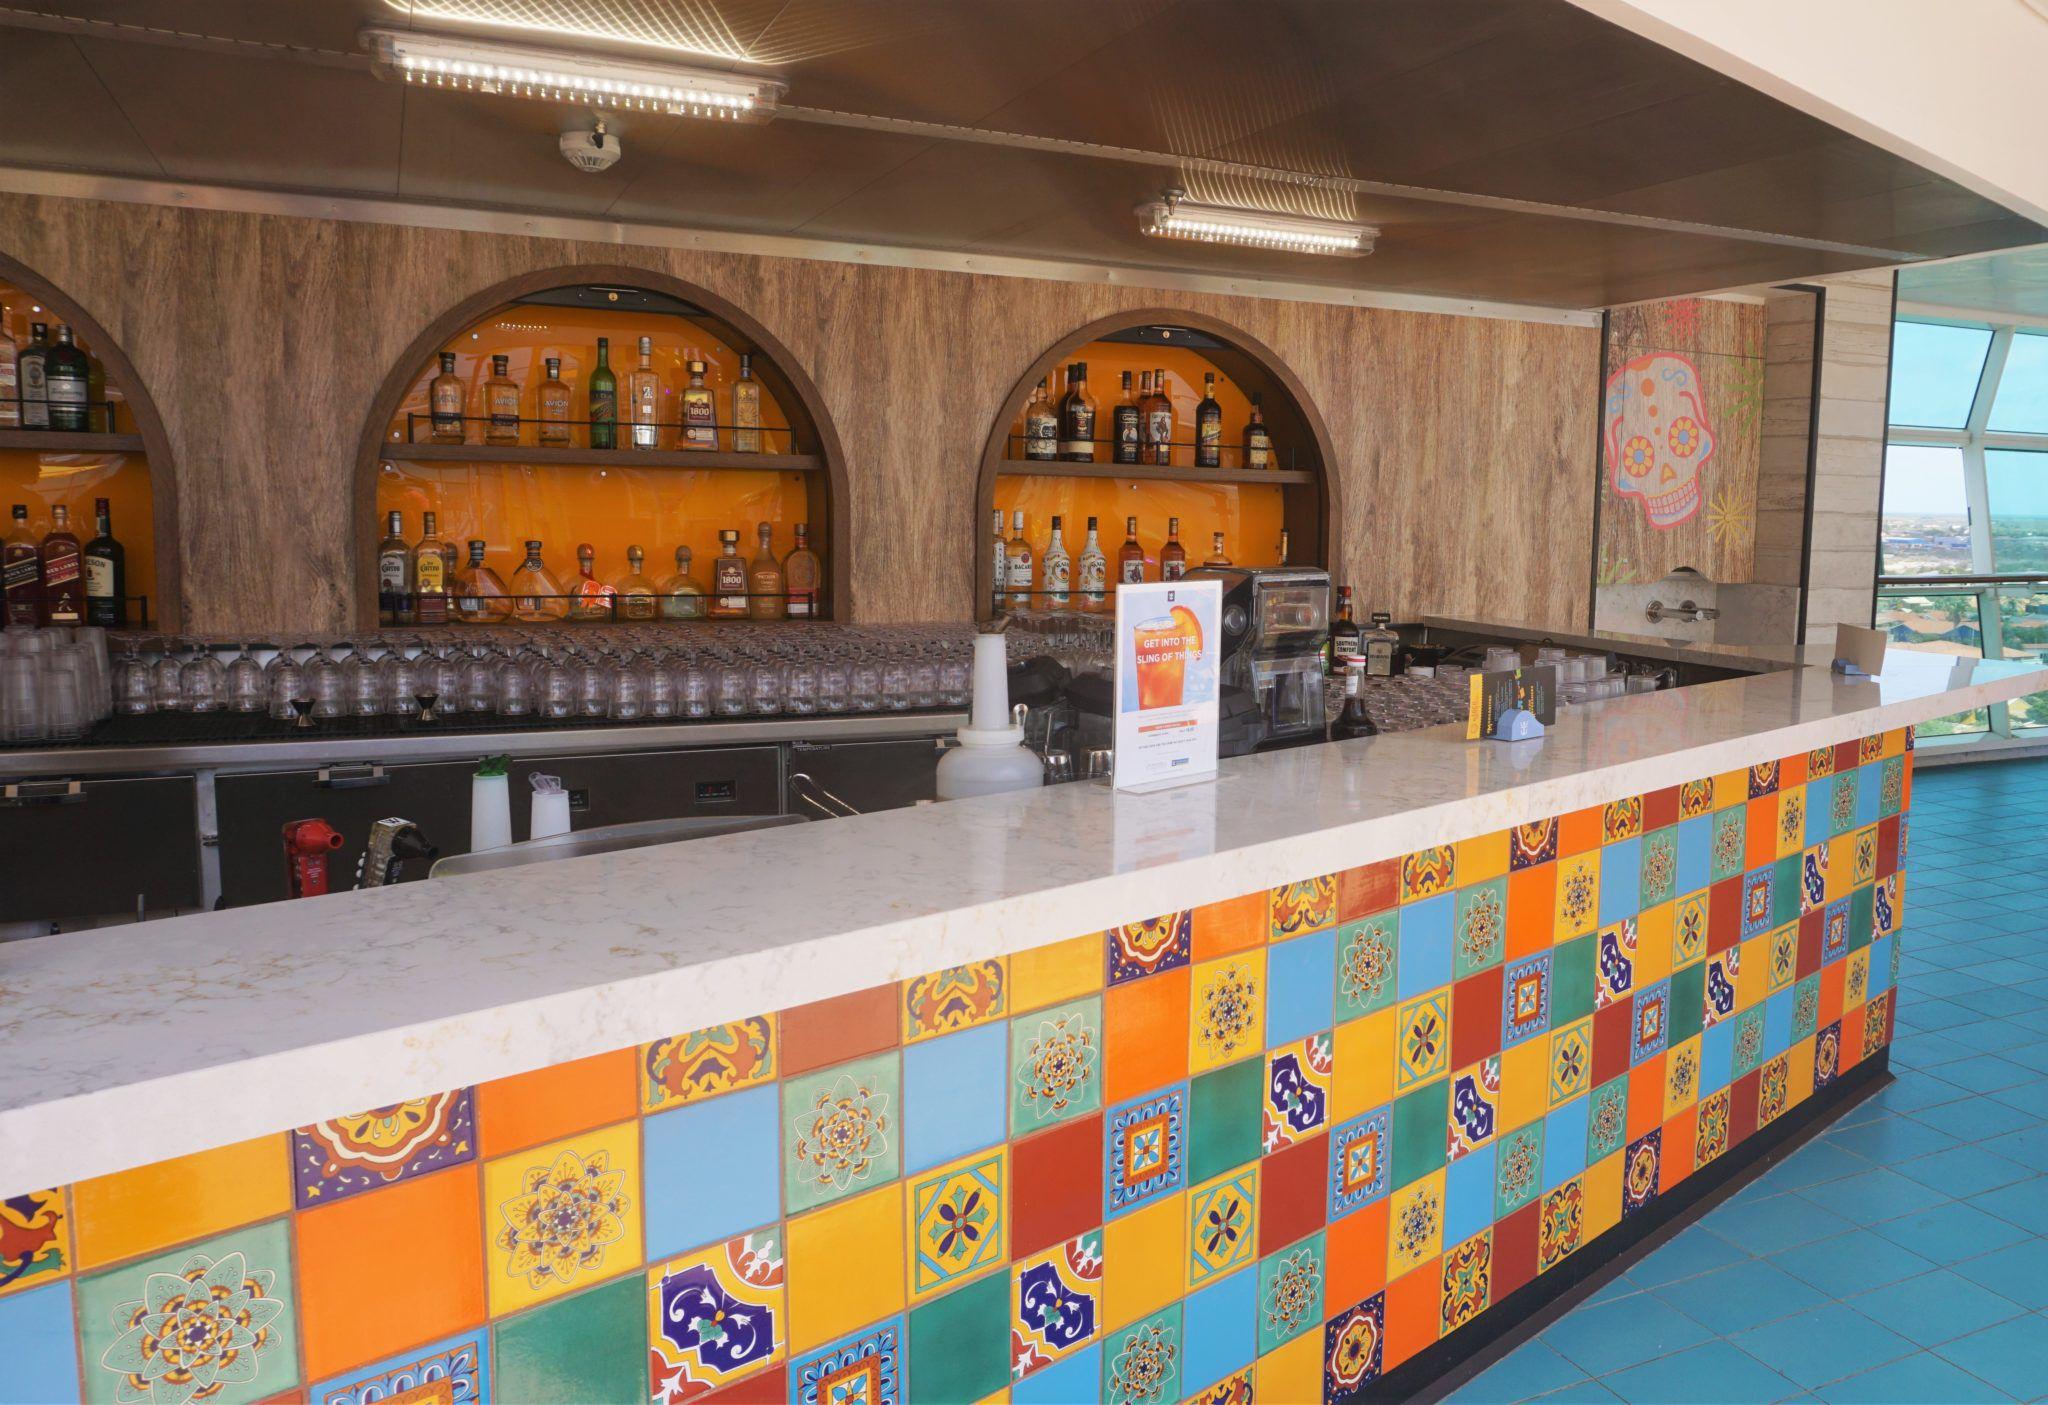 El Loco Fresh Tequila Bar Freedom of the Seas